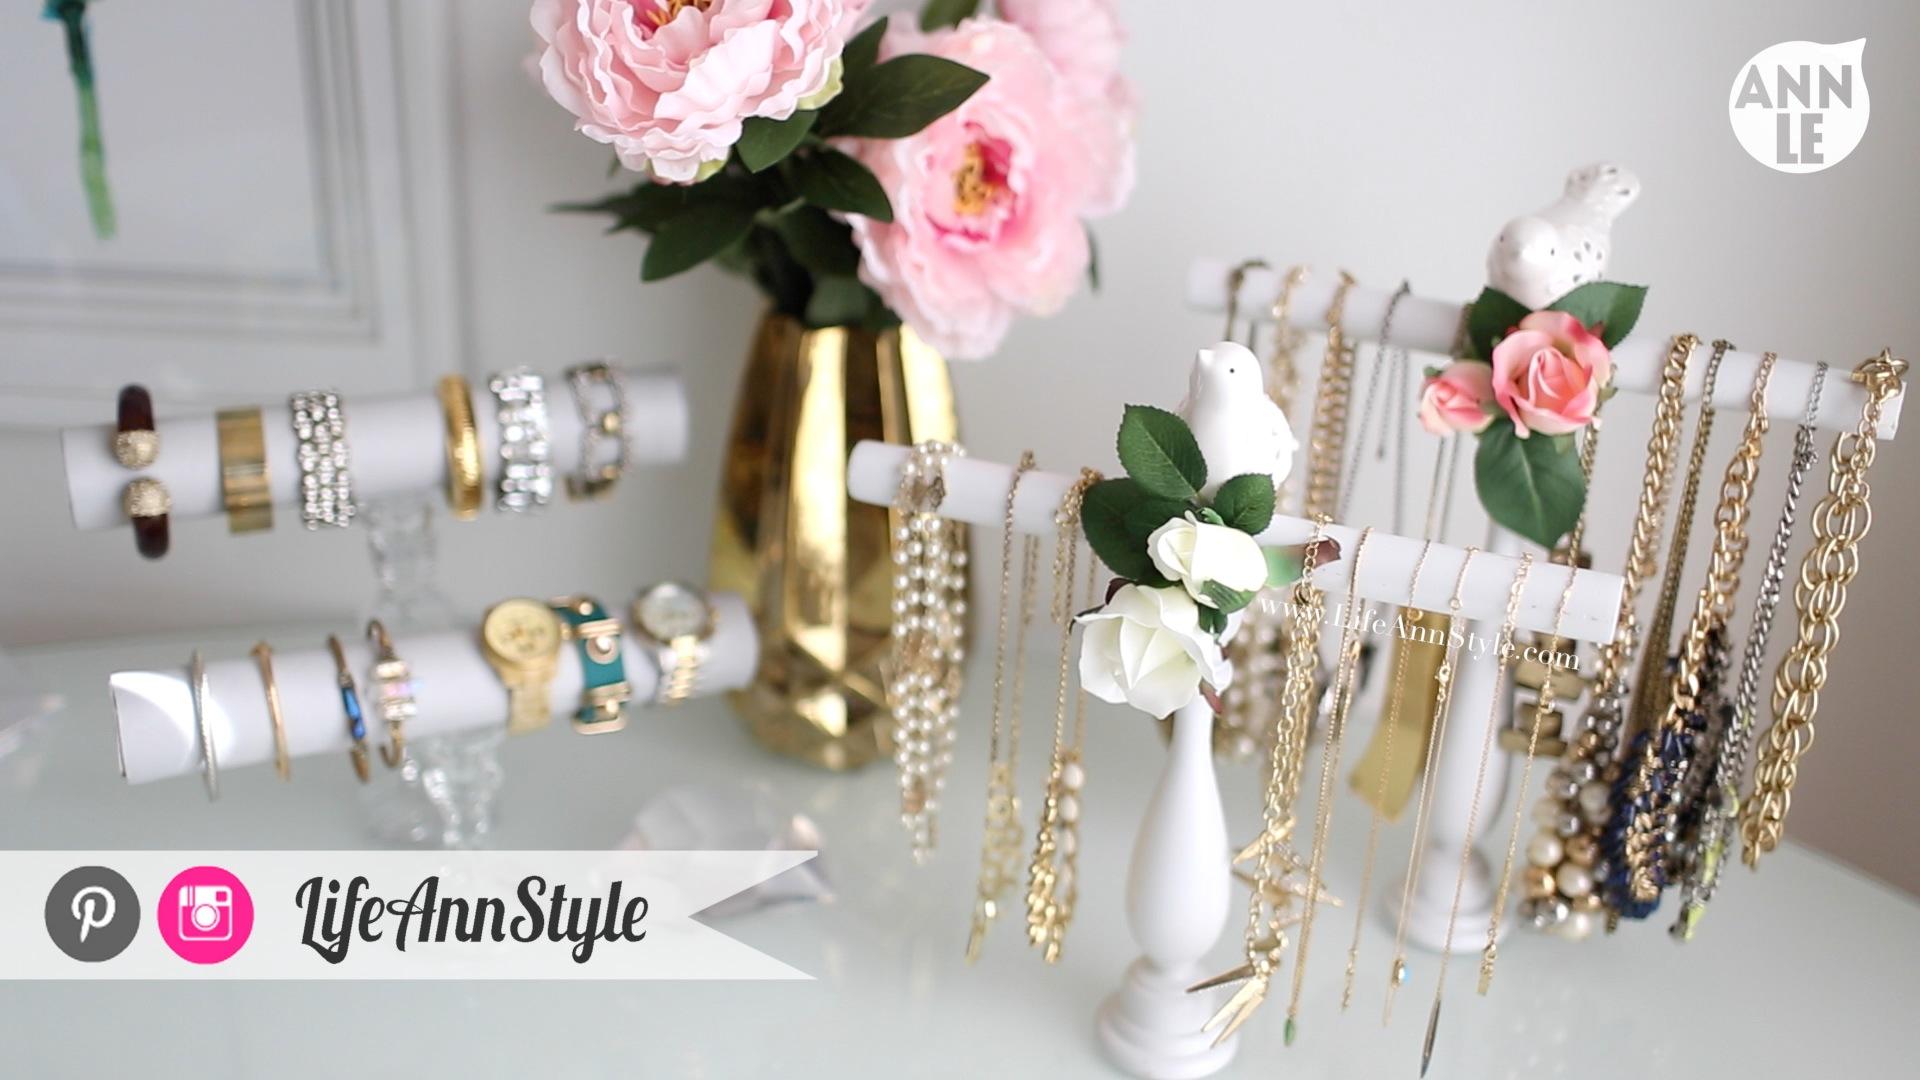 DIY Necklace and Bracelet Holder